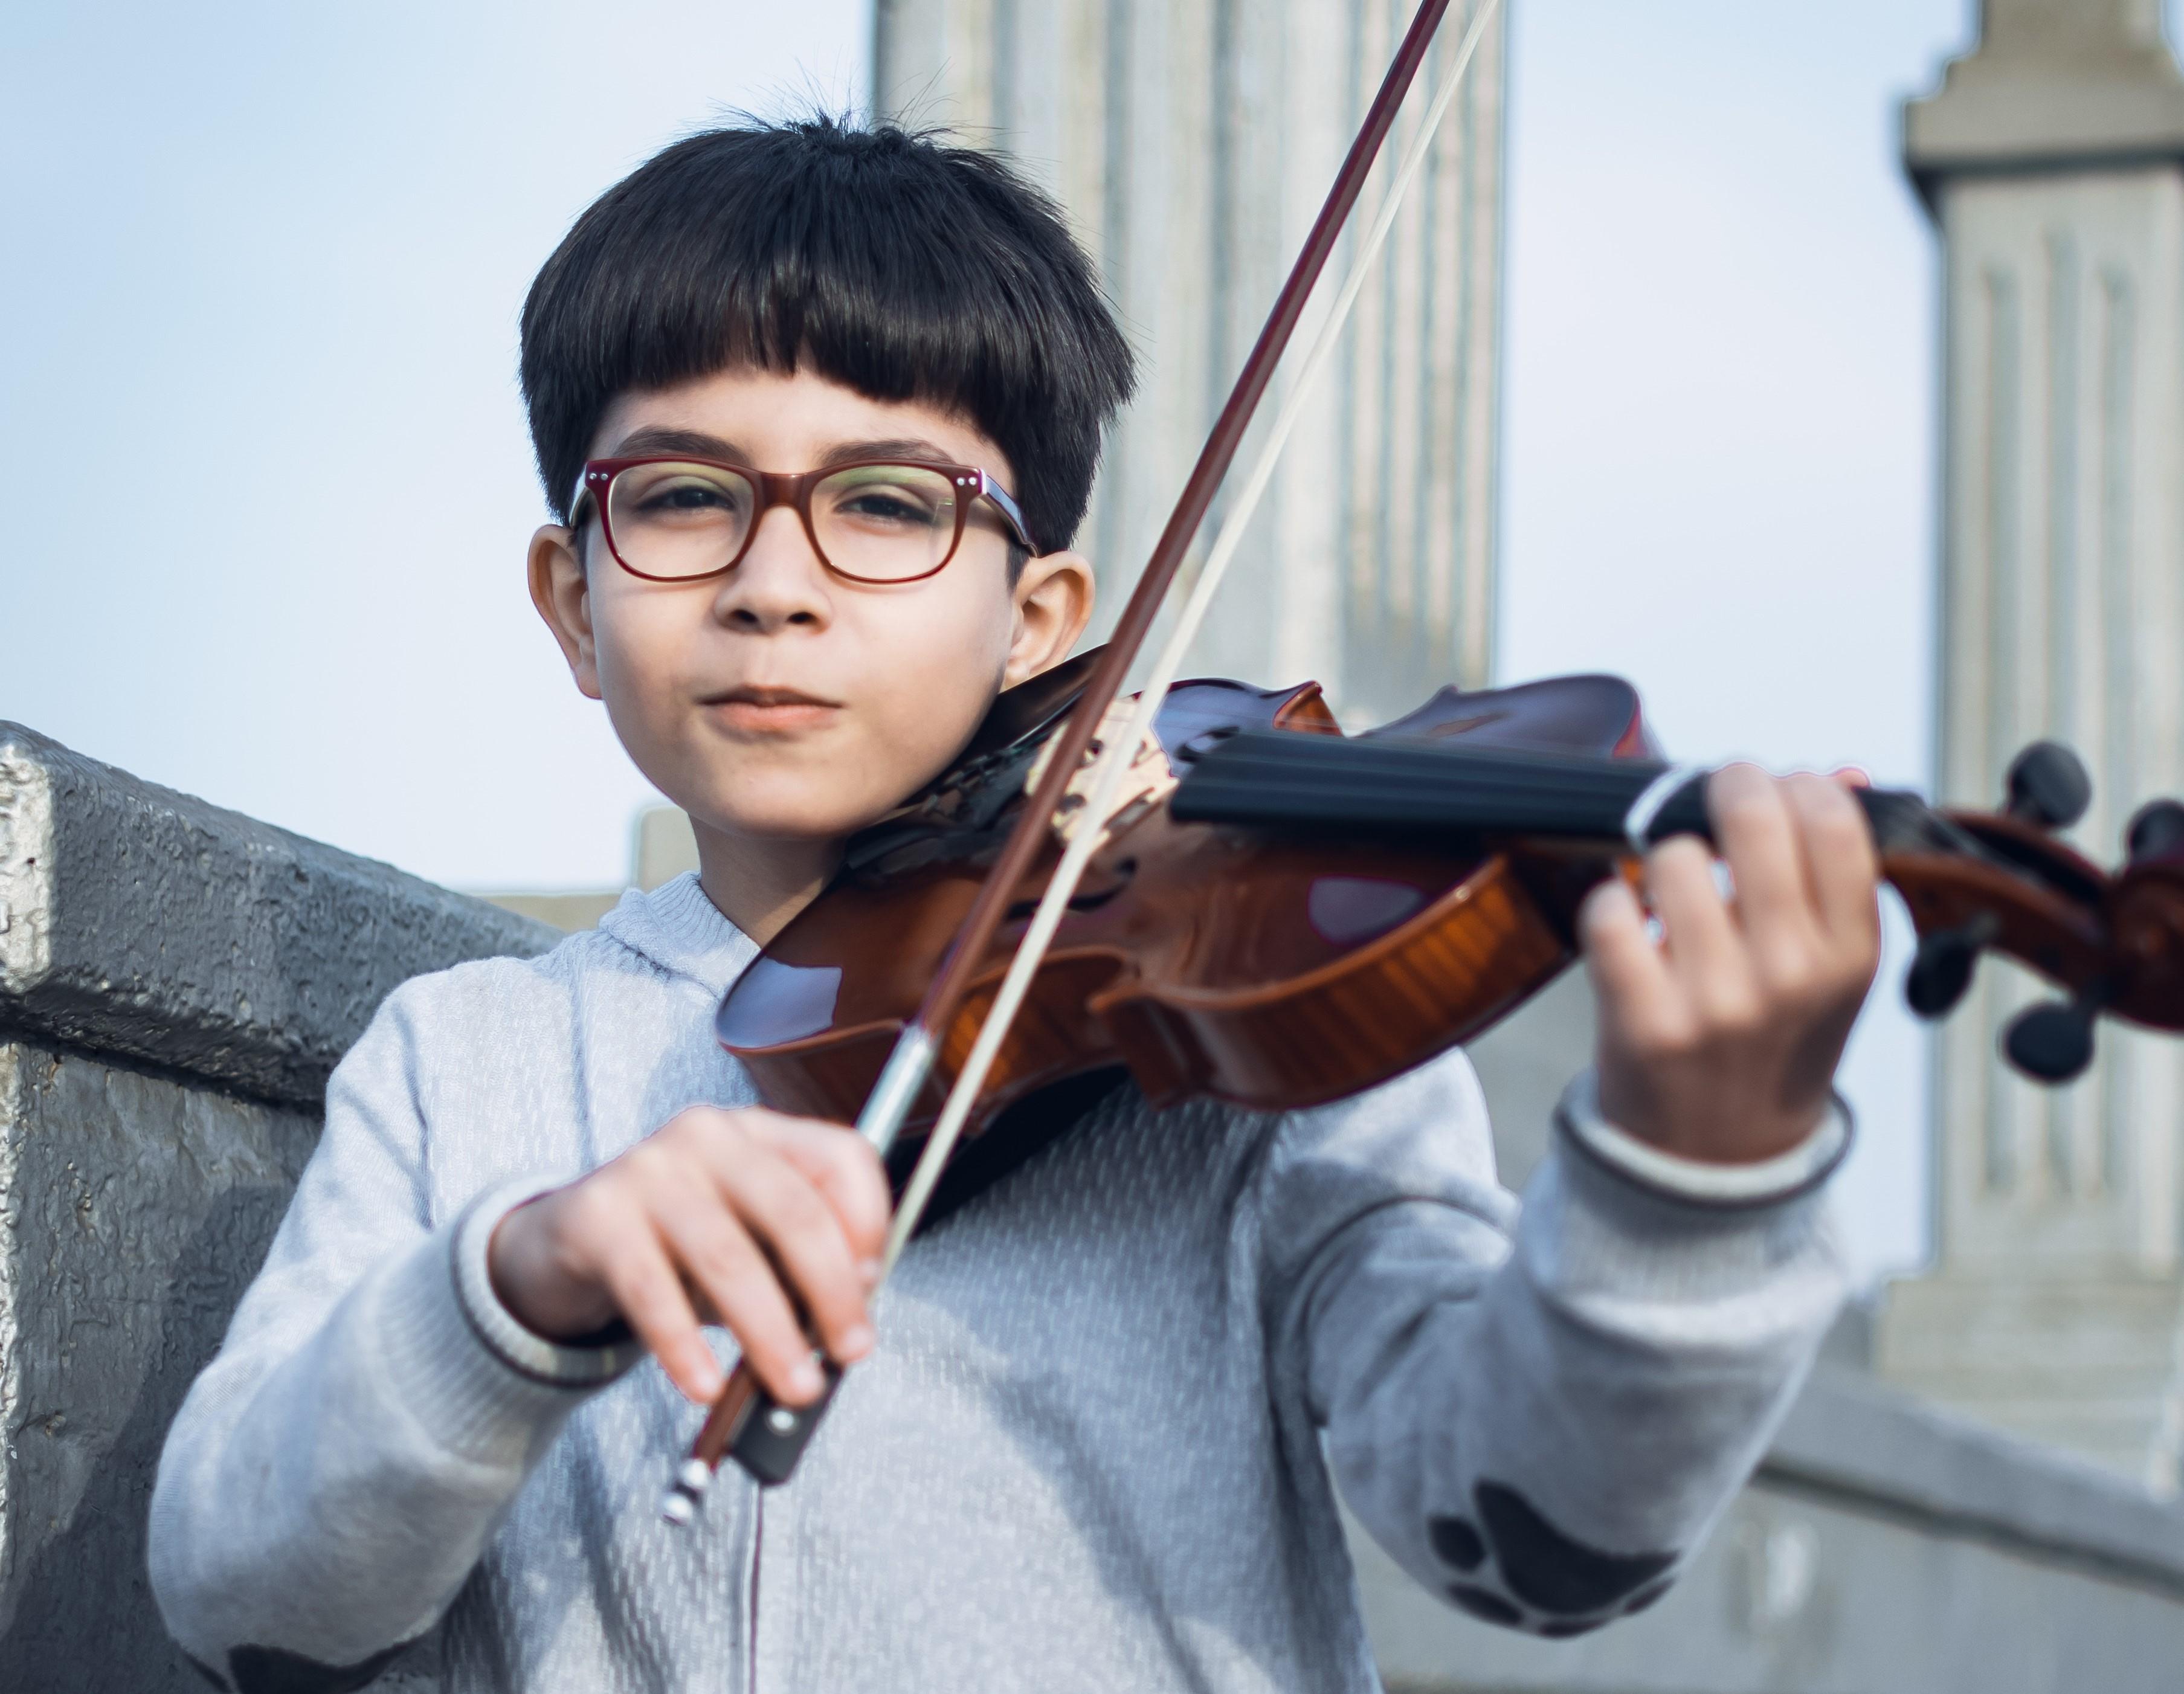 ヴァイオリンを楽しむ少年